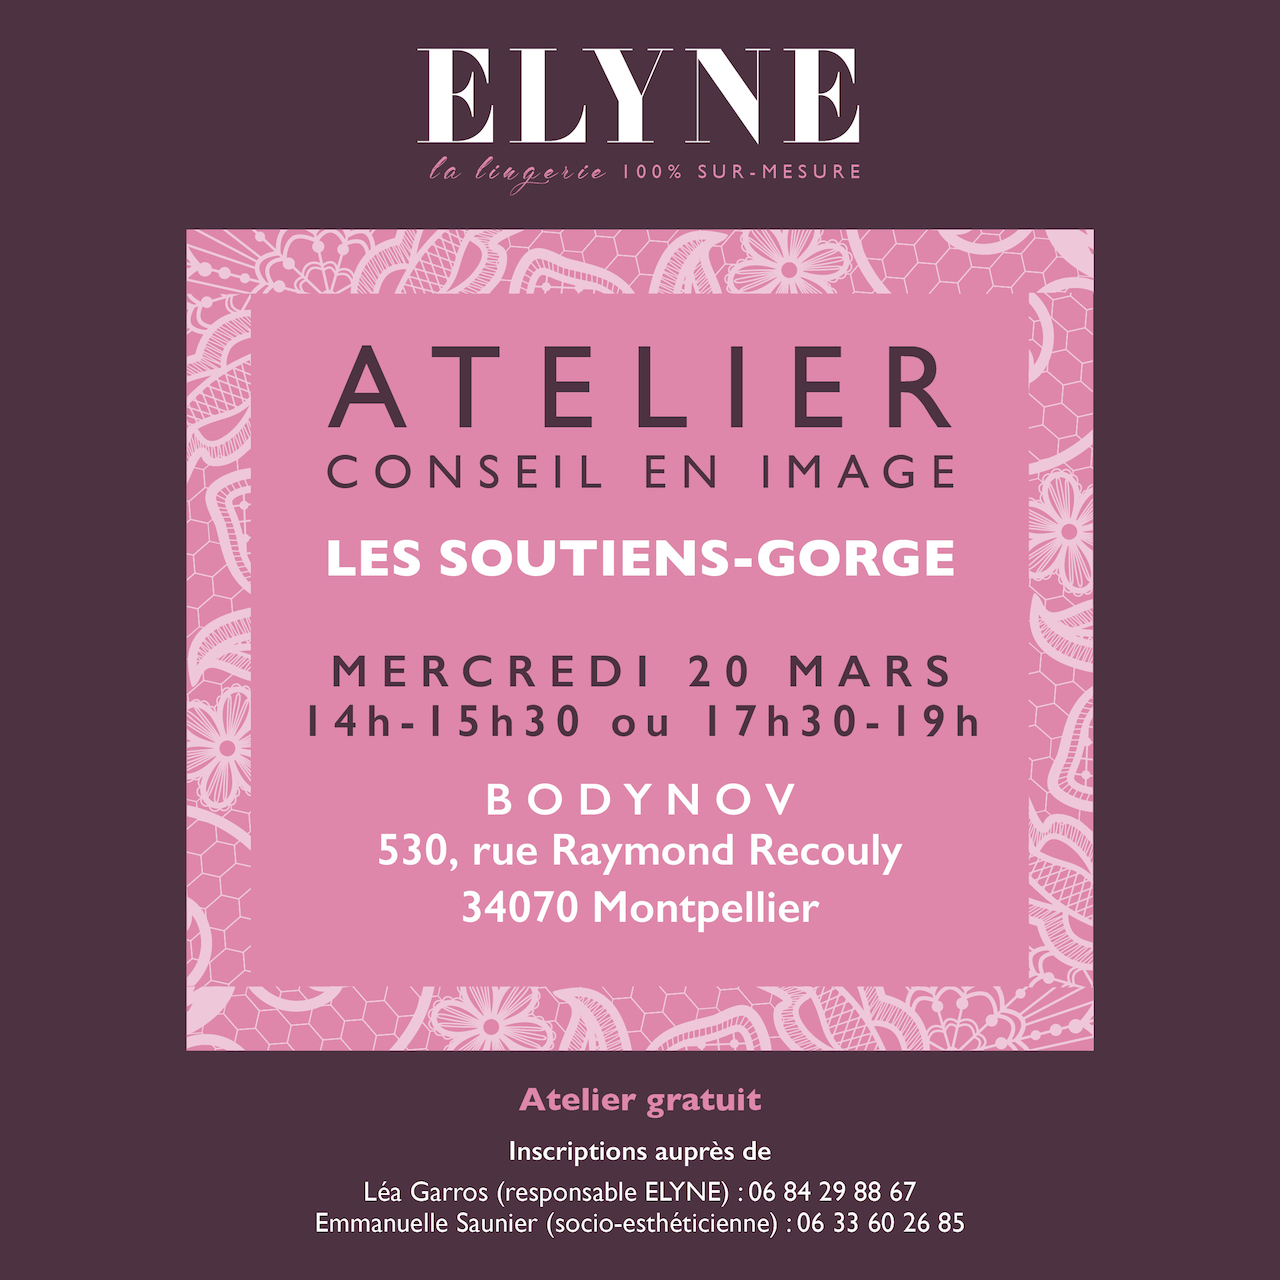 Léa Garros responsable de la gamme ELYNE (la lingerie 100% sur-mesure) propose un atelier de conseil en image gratuit le mercredi 20 mars de 14h à 15h30 ou de 17h30 à 19h.